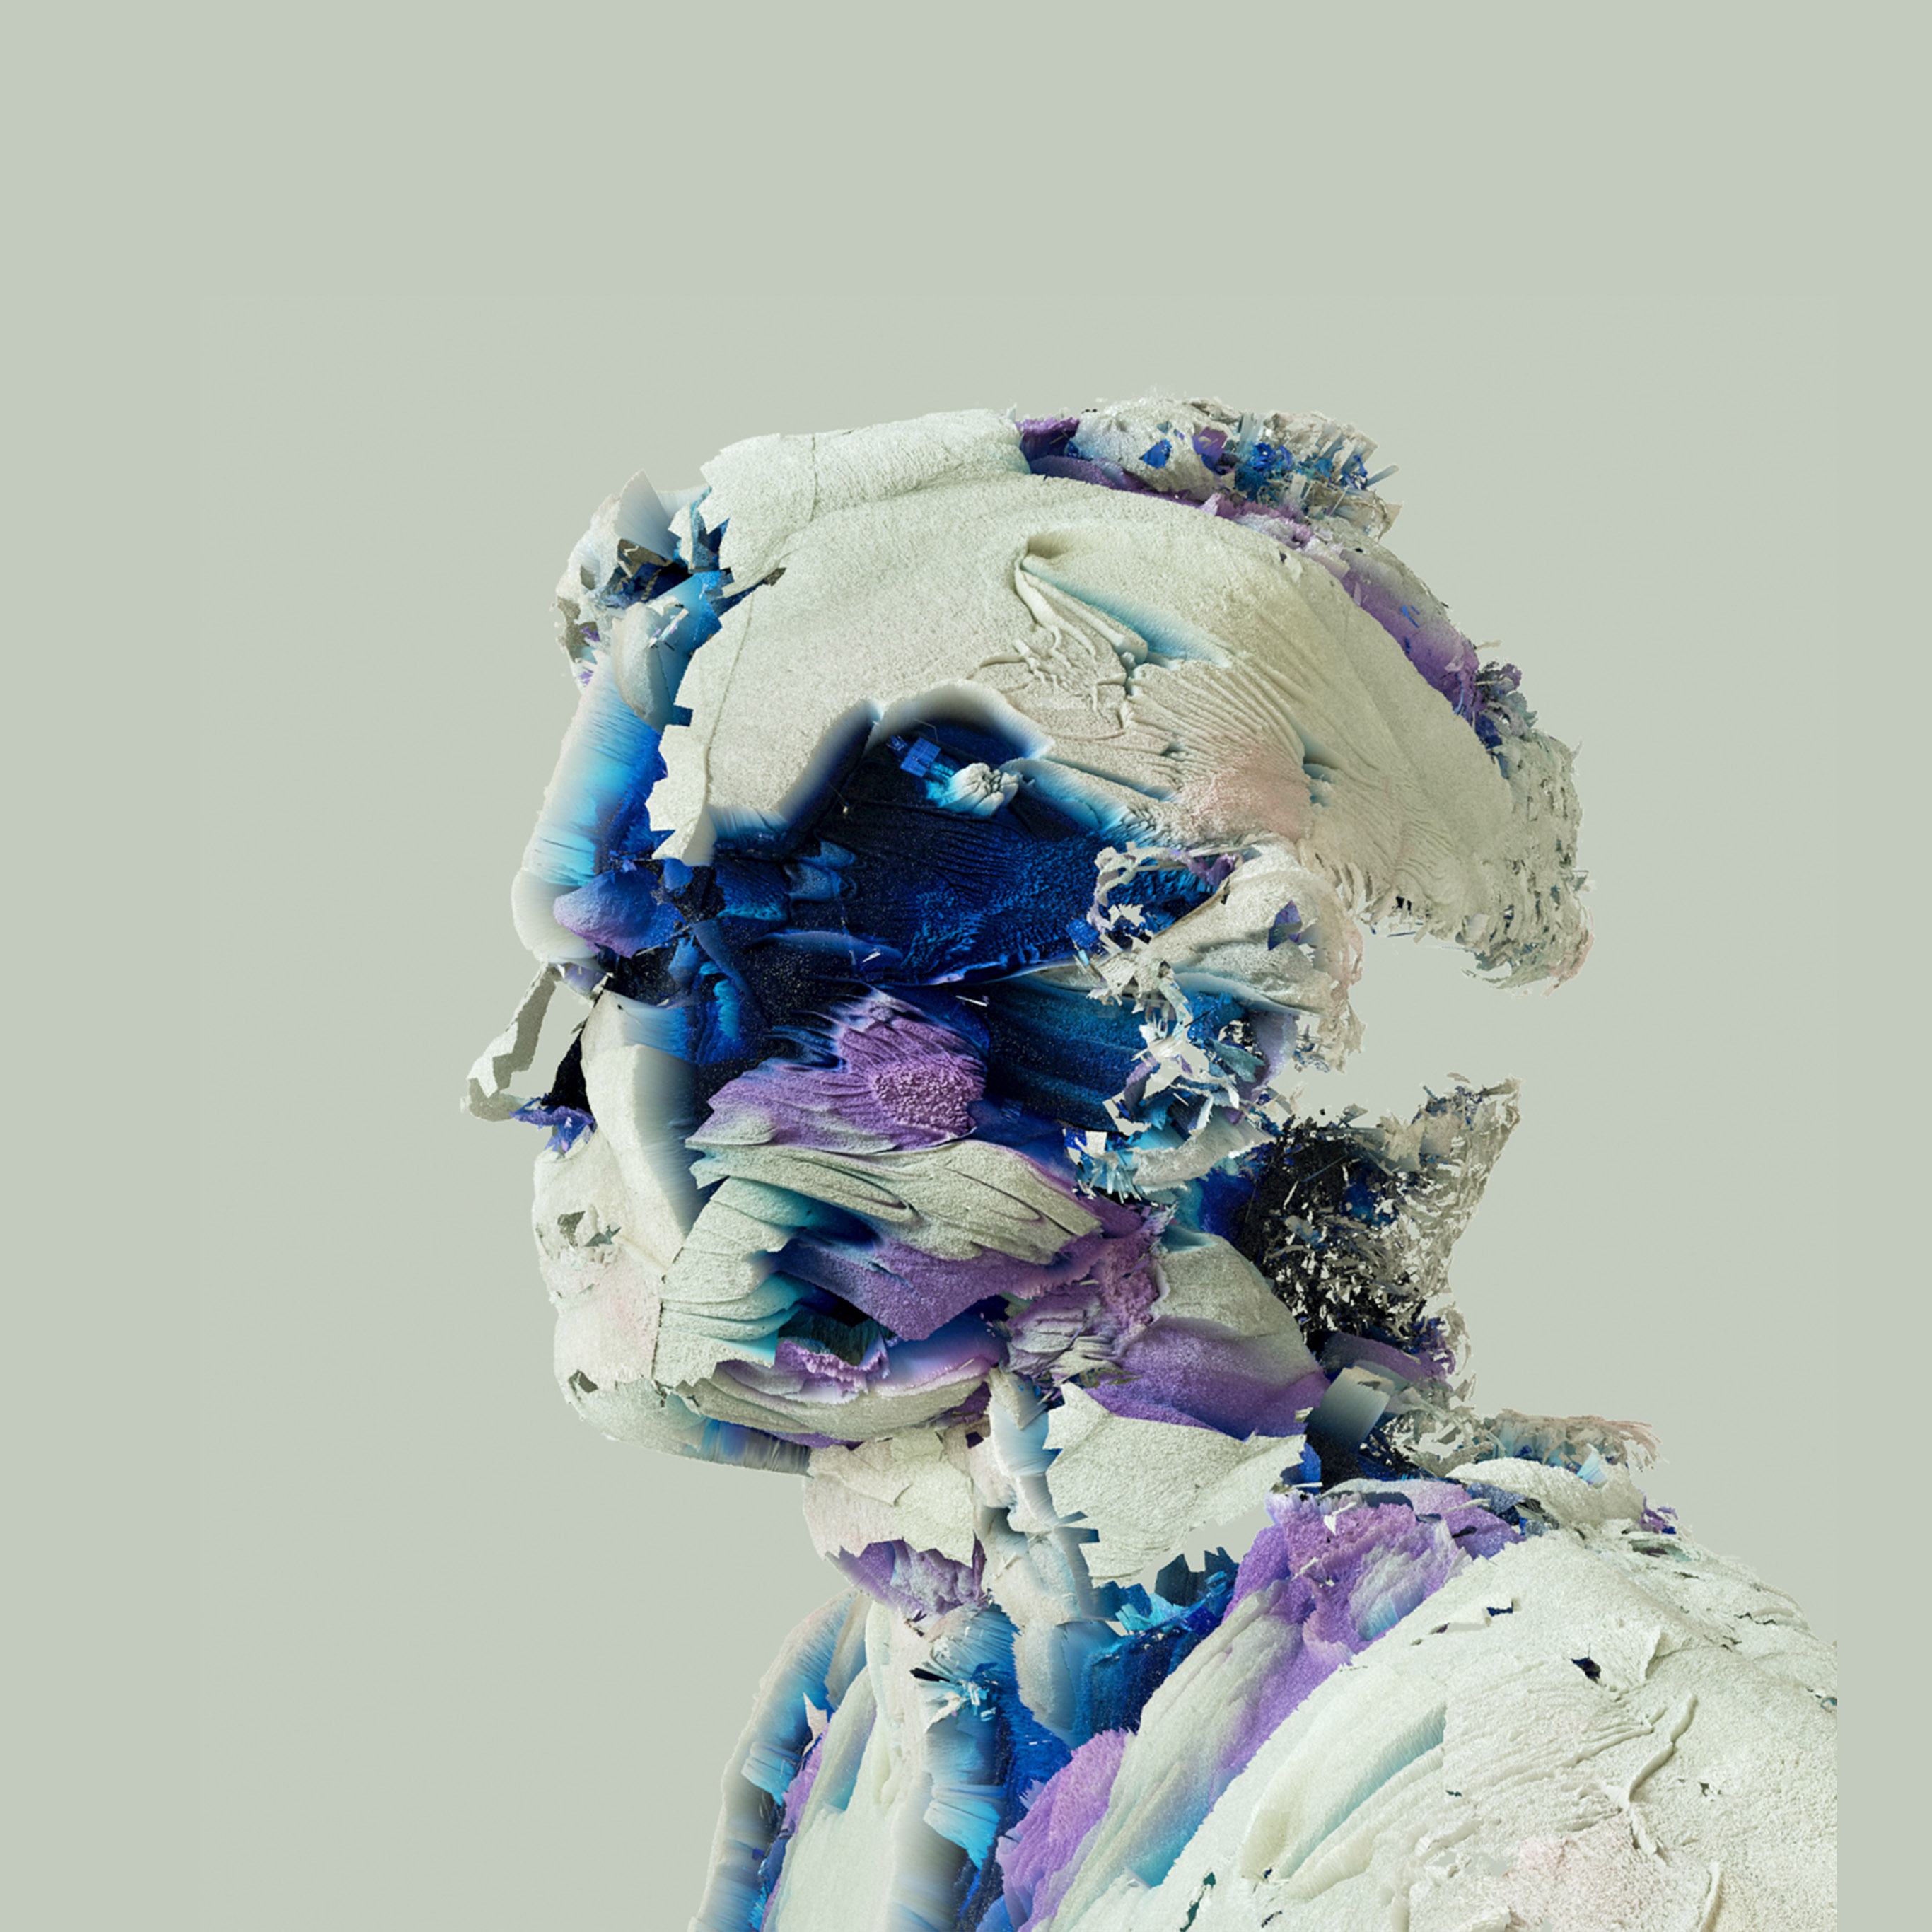 Ay24-face-abstract-3d-illustration-art-wallpaper